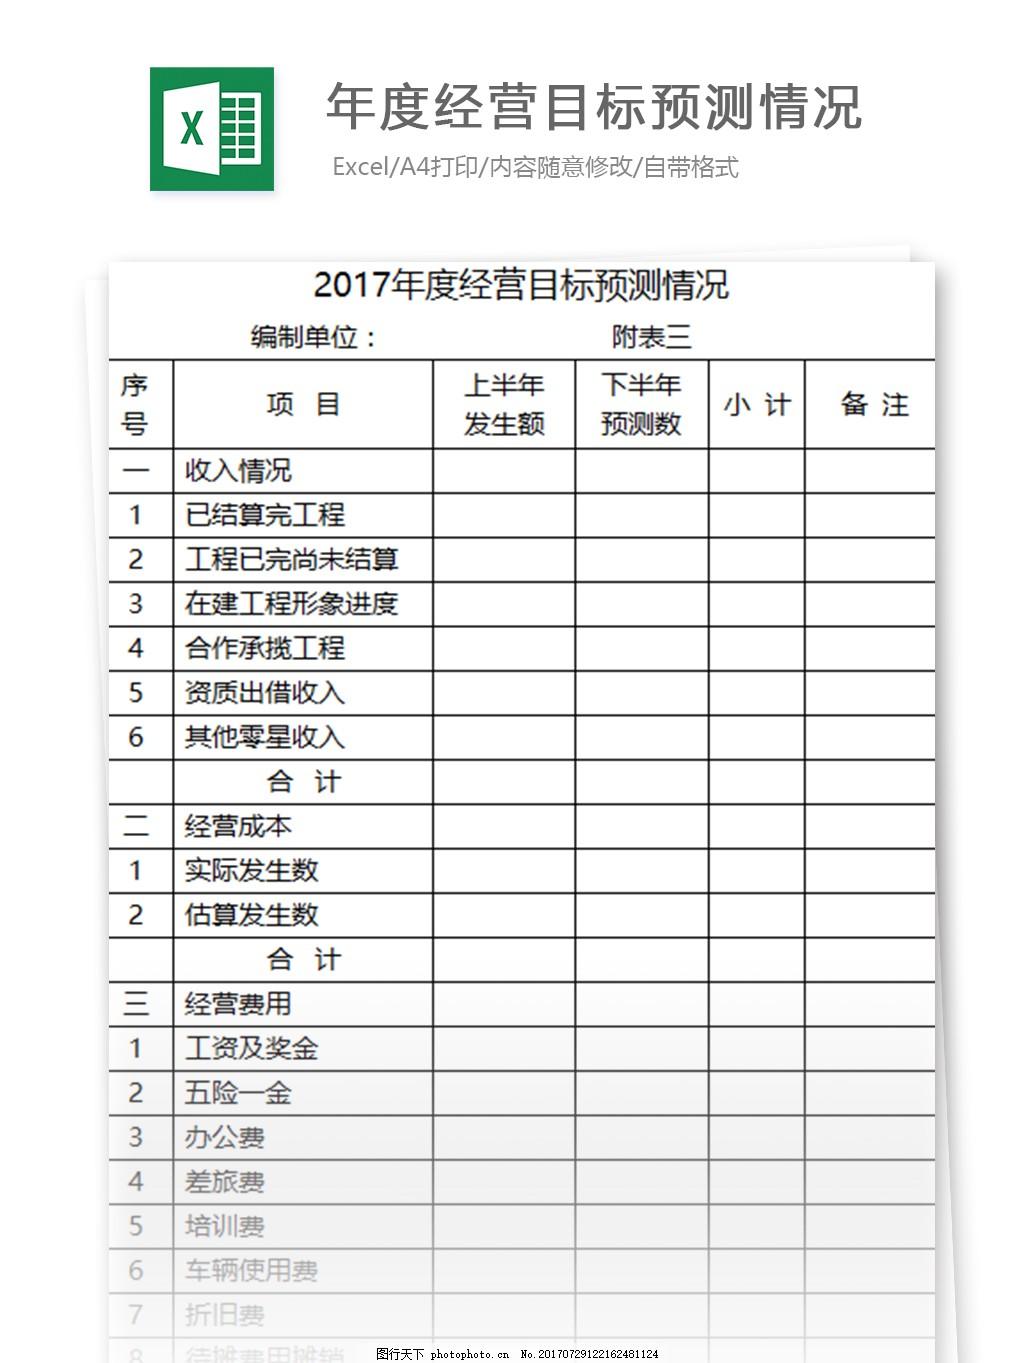 年度经营目标预测情况excel表格模板 图表 表格设计 报表 财务